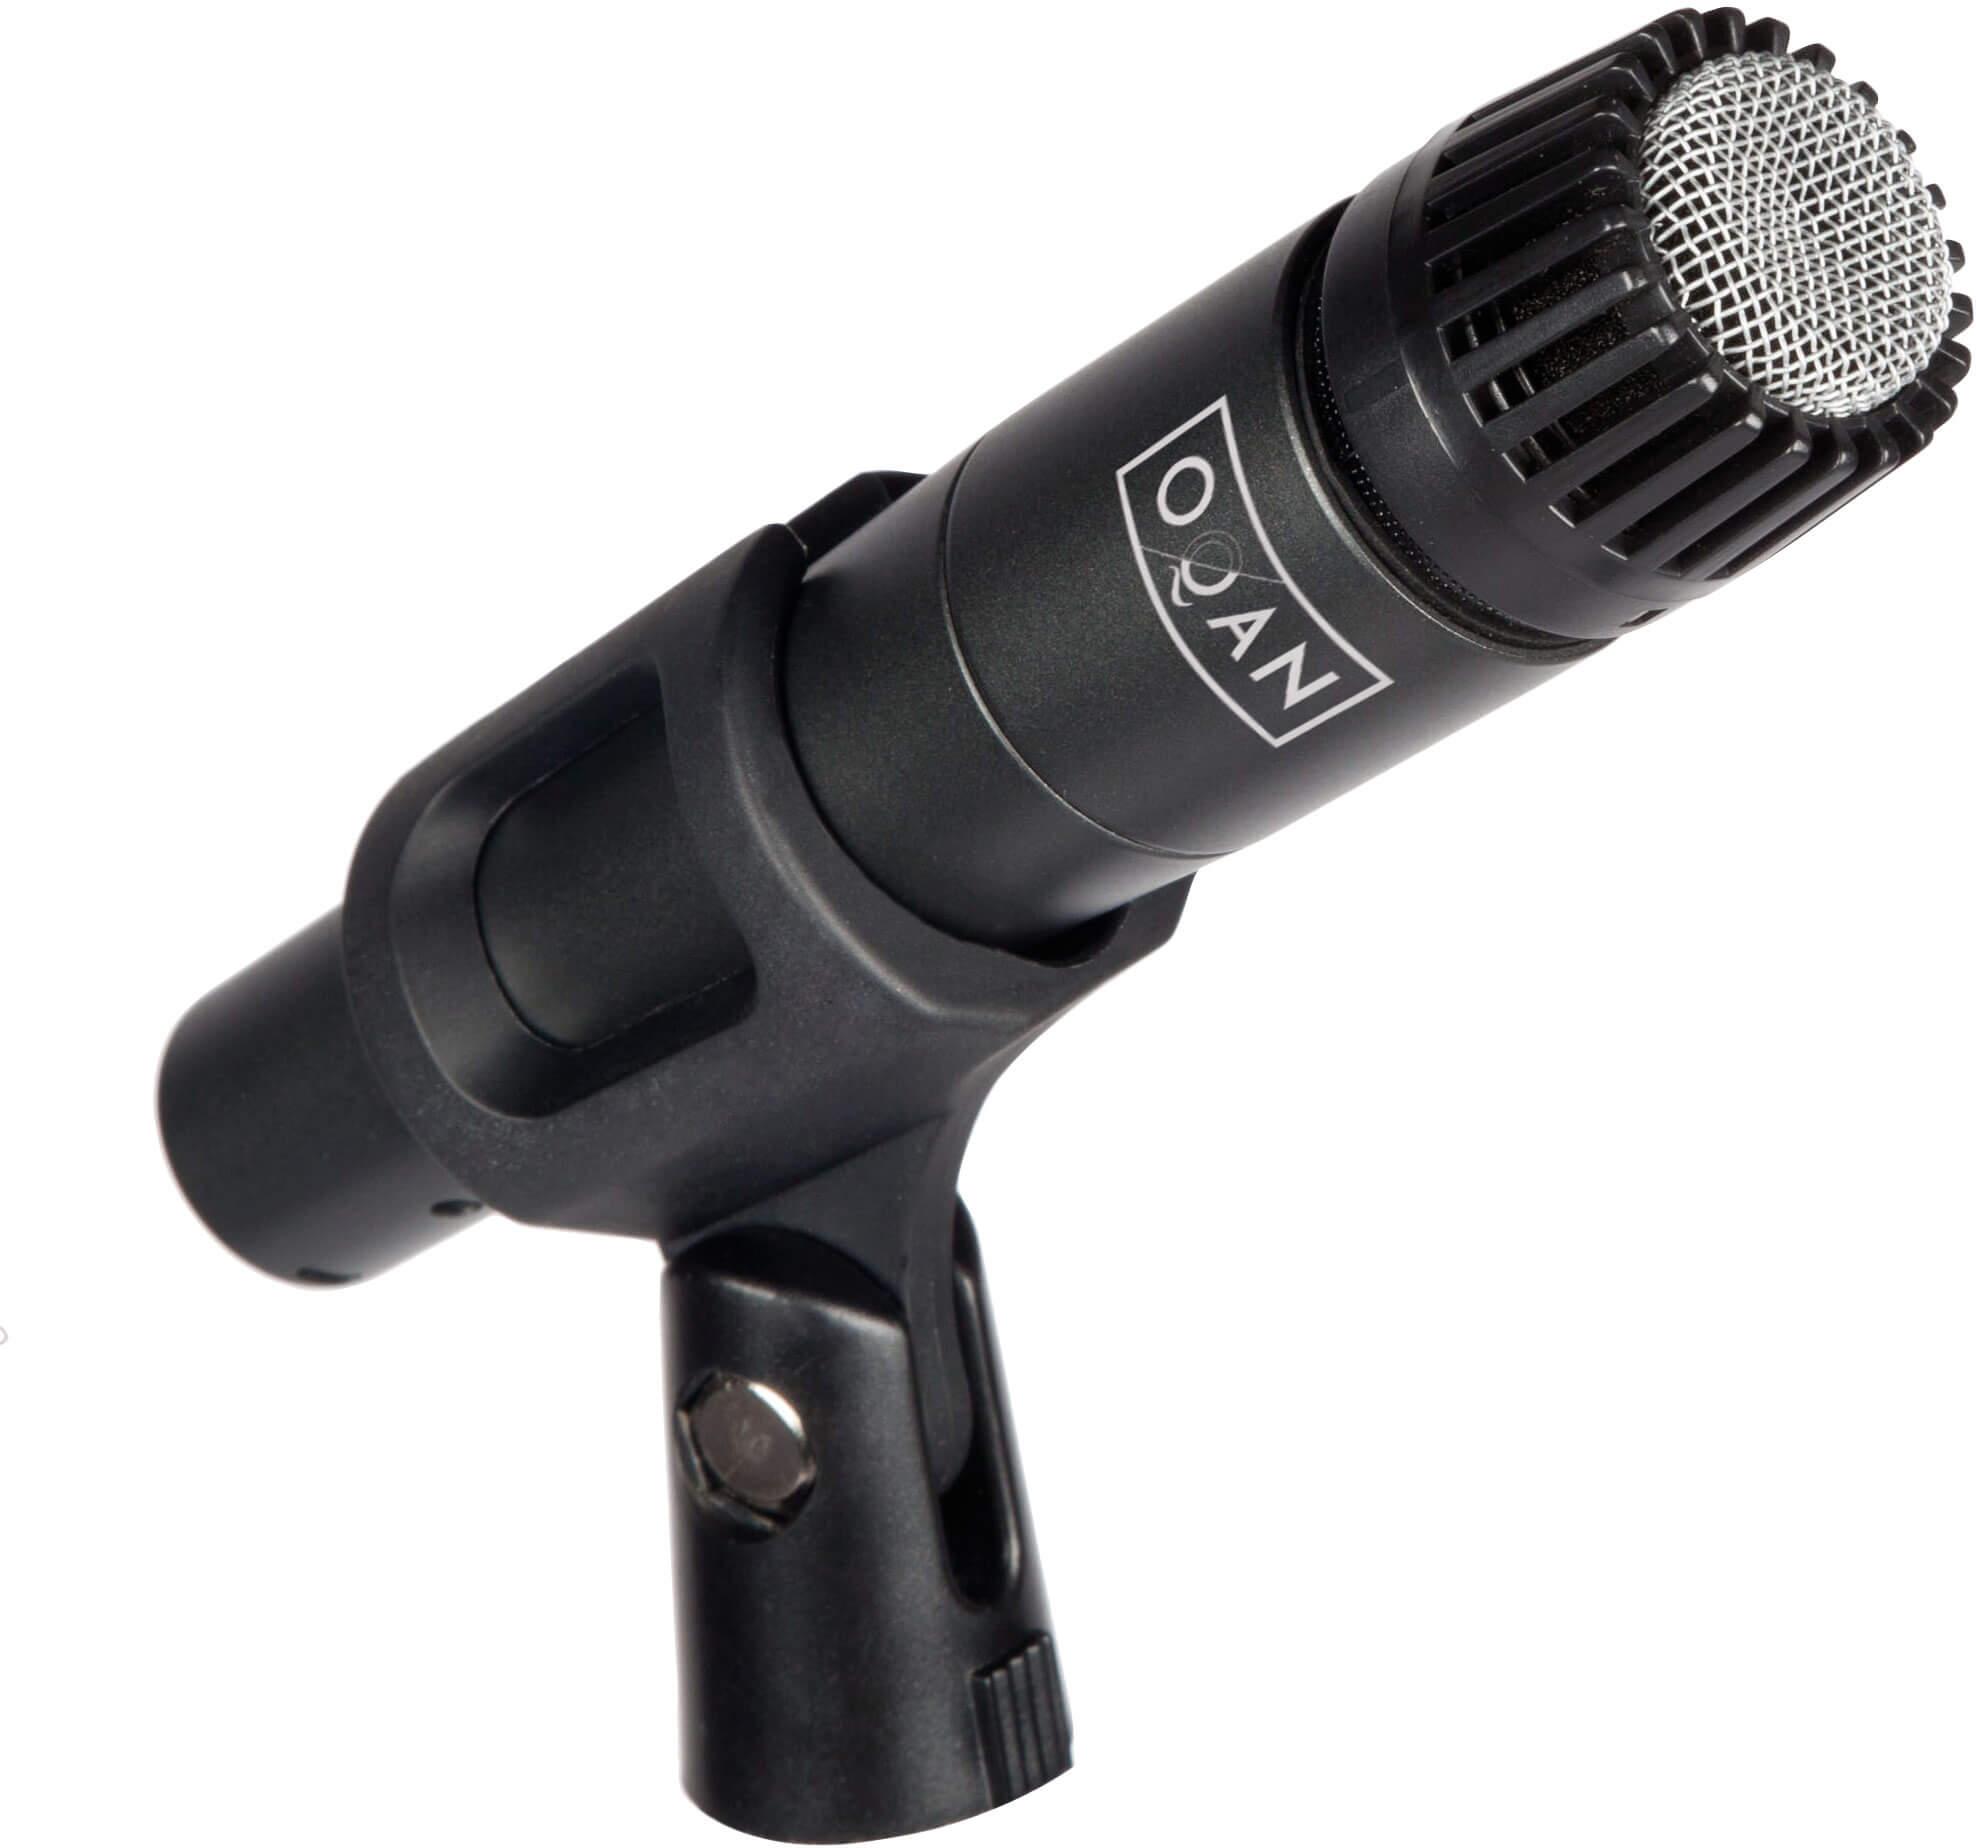 Micrófono Oqan Qmd52 Joqer